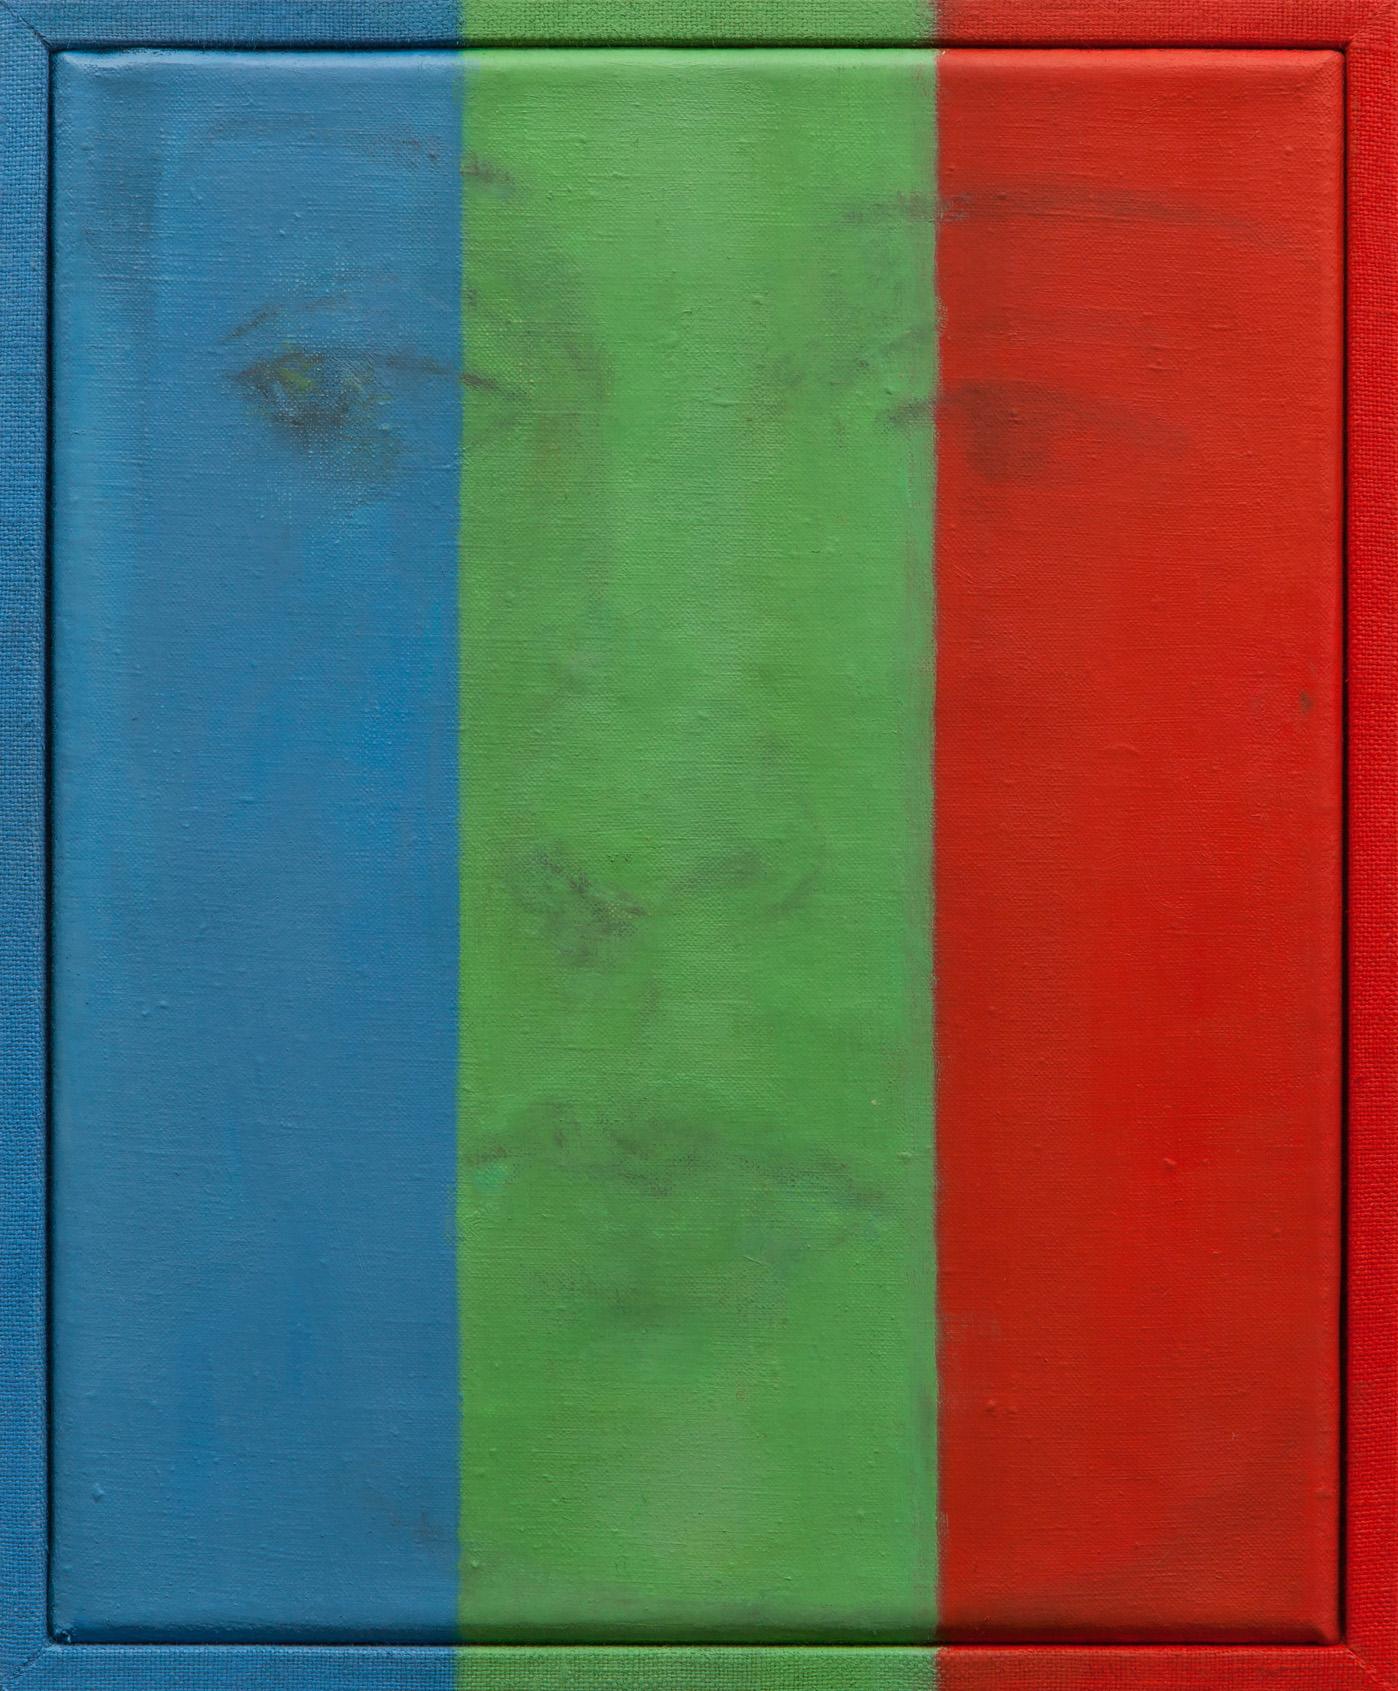 Michelle Rawlings, Green Stripe, 2015, olej napłótnie lnianym, płócienna oprawa, 23 x 25 cm